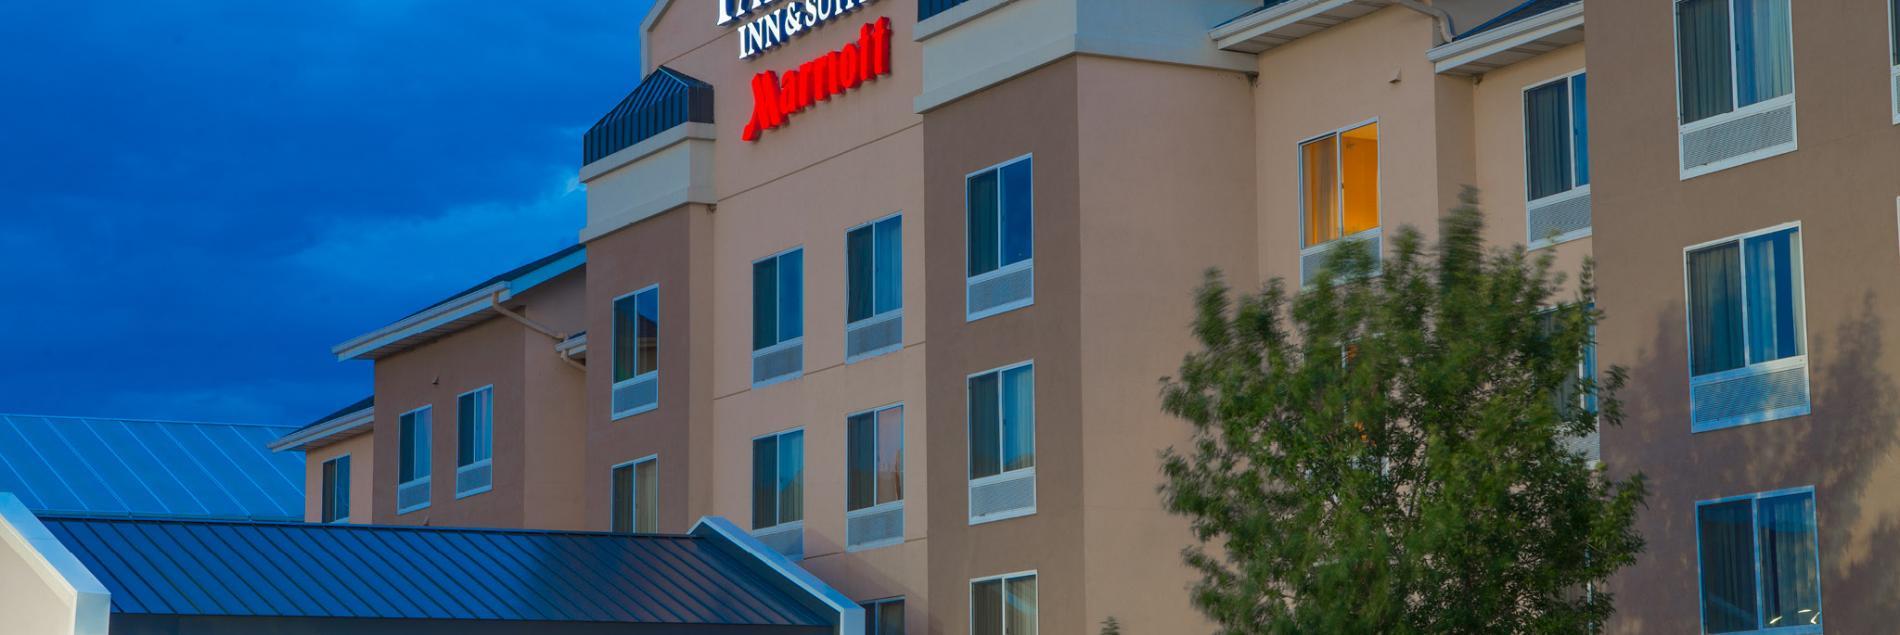 Fairfield Inn & Suites by Marriott *